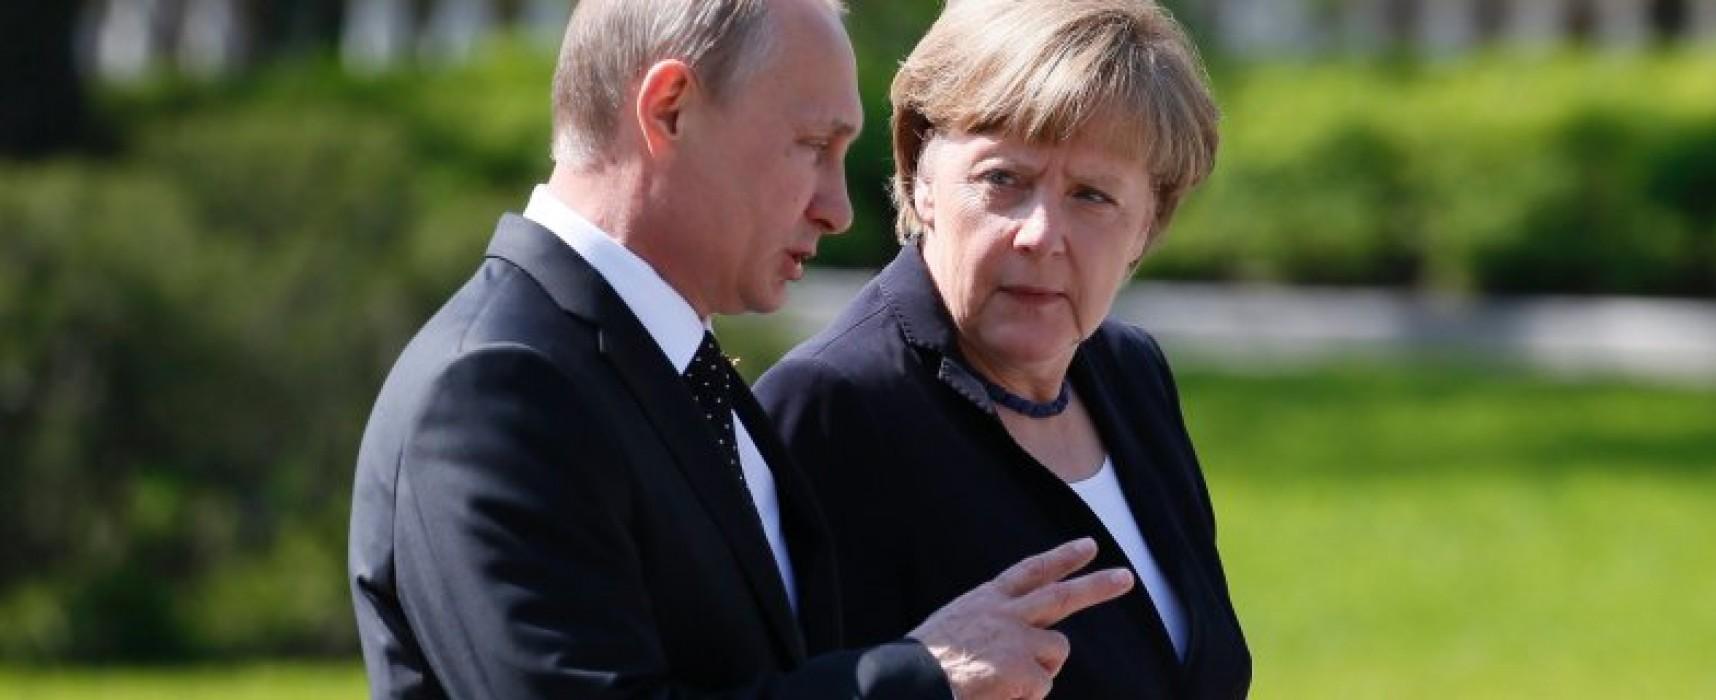 La guerra ibrida – la campagna russa contro la Germania